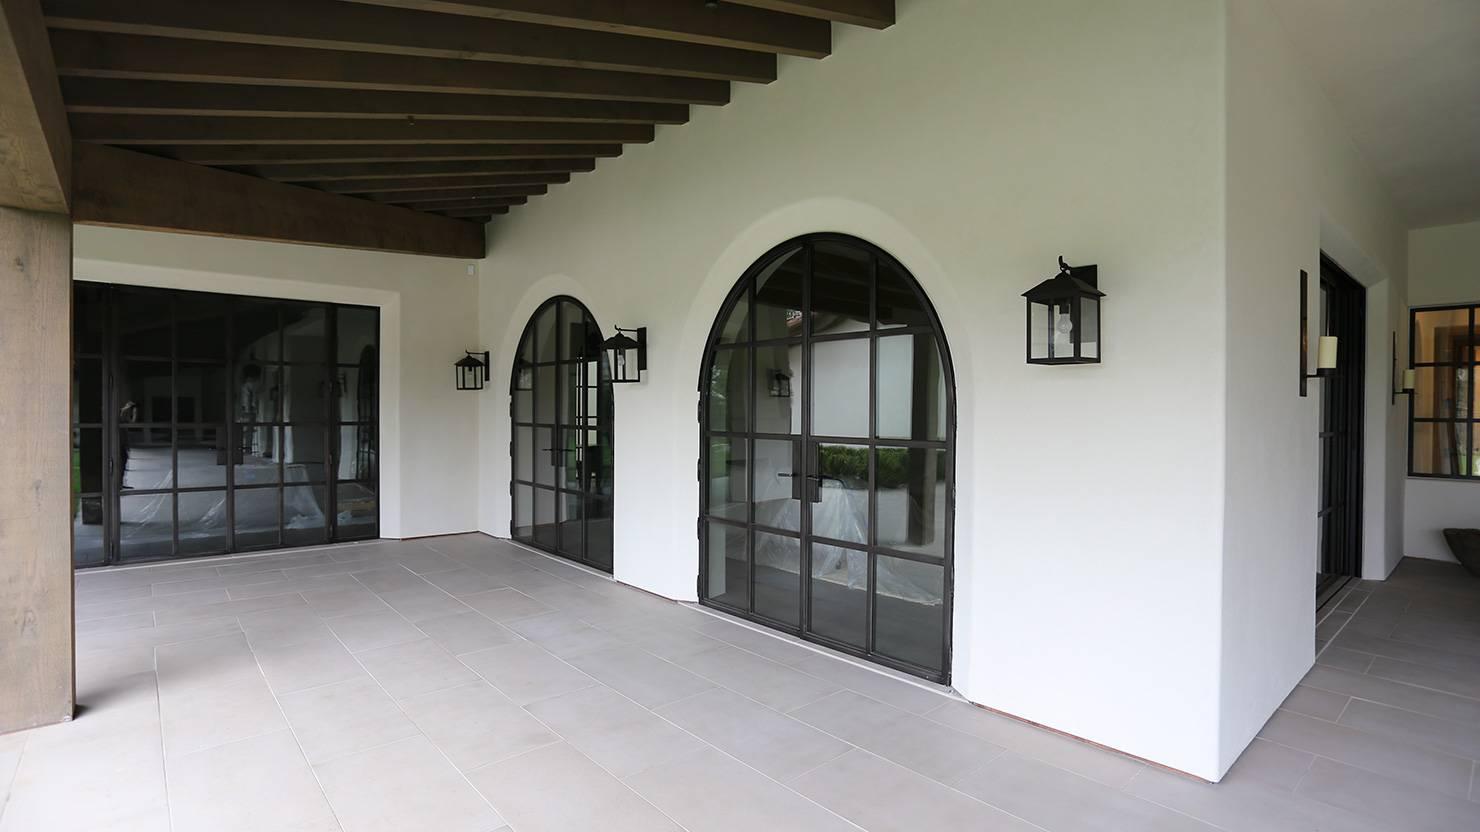 acciaio-zincato-serramenti-facciata-villa-moresca-marmol-radziner-architecture-3_project_big